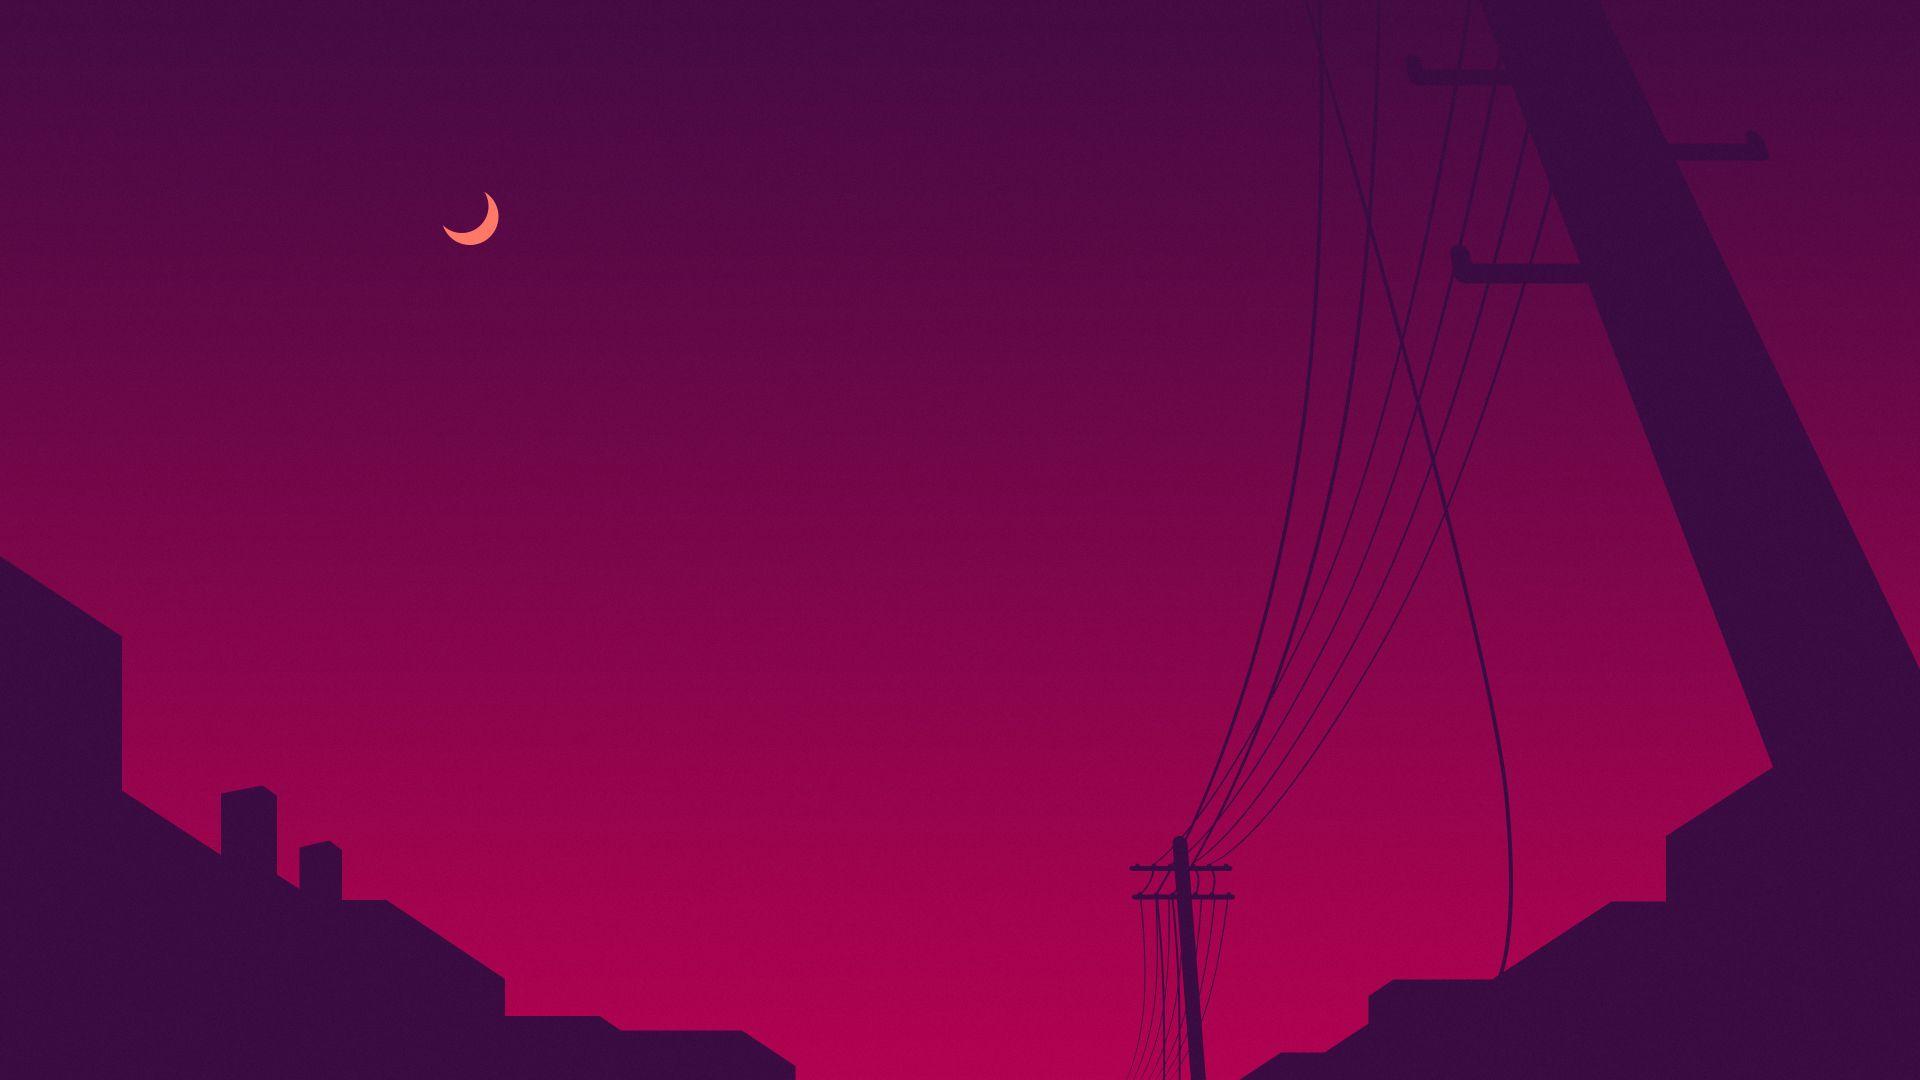 Wallpaper Minimalism Minimalist Moon